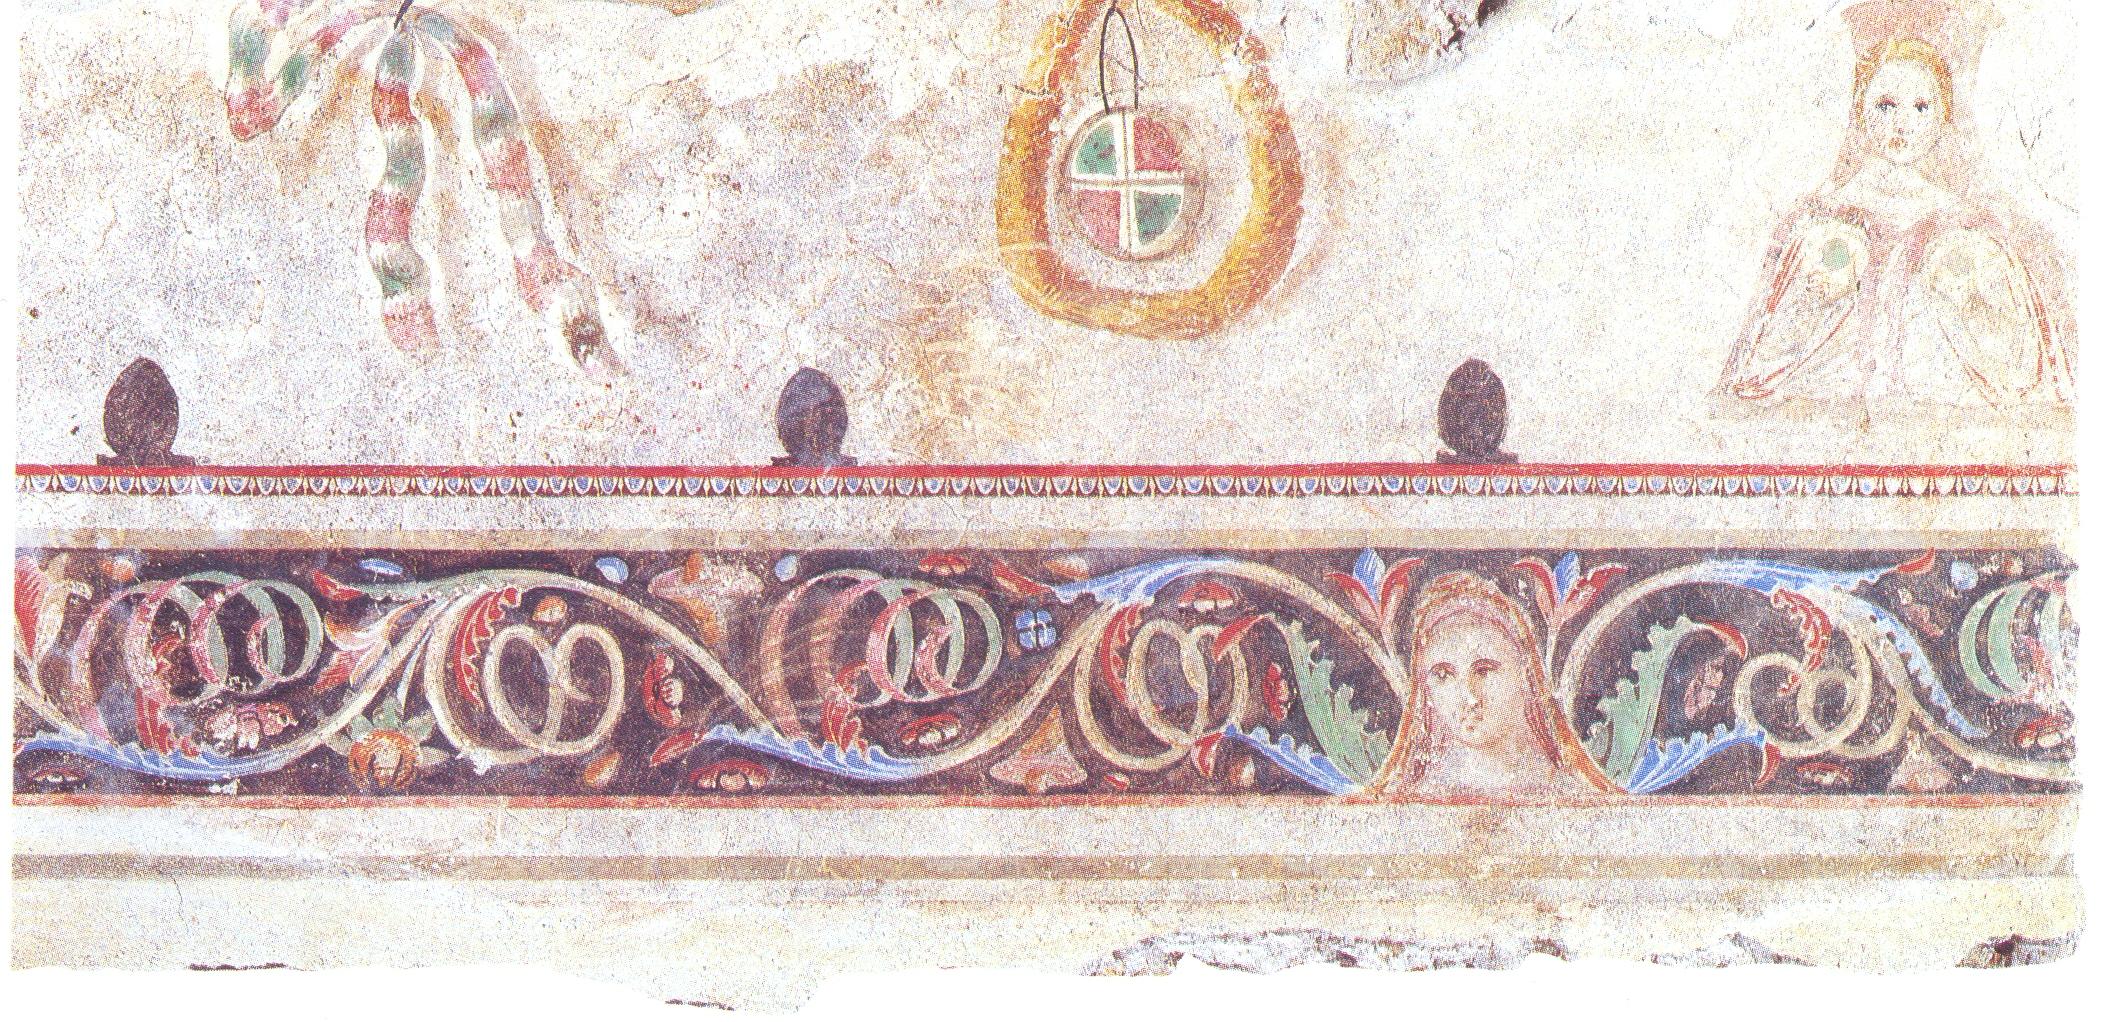 Ganze Fresco - Aenea